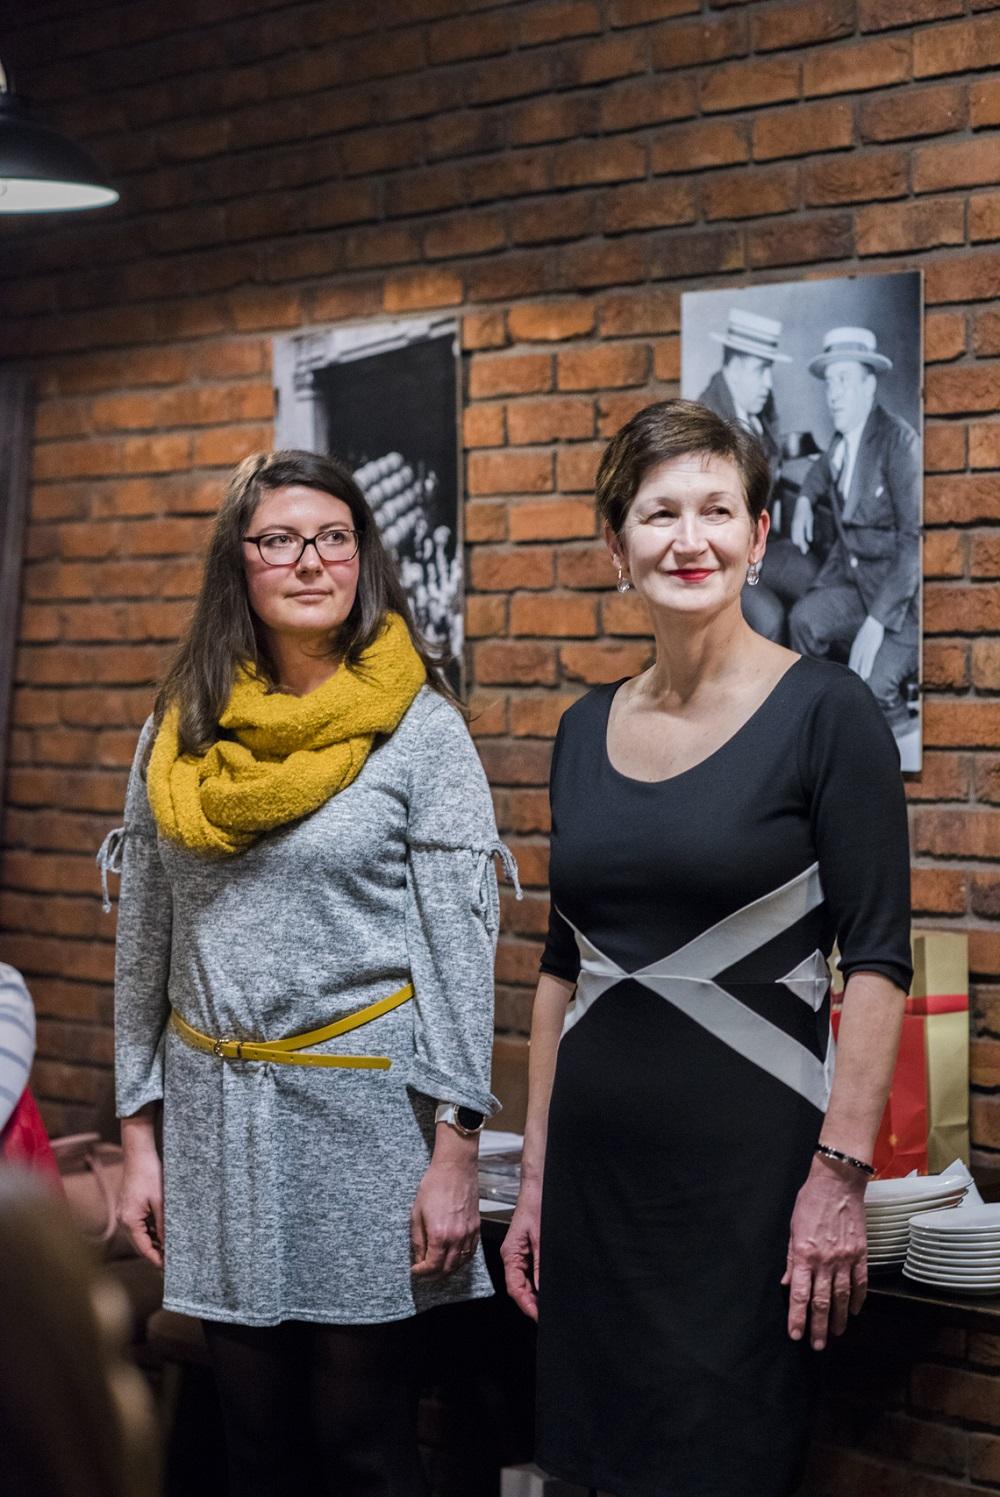 a8982ab9b729 Ležérny (vľavo) a elegantný štýl . Foto - Miroslava Spodniaková